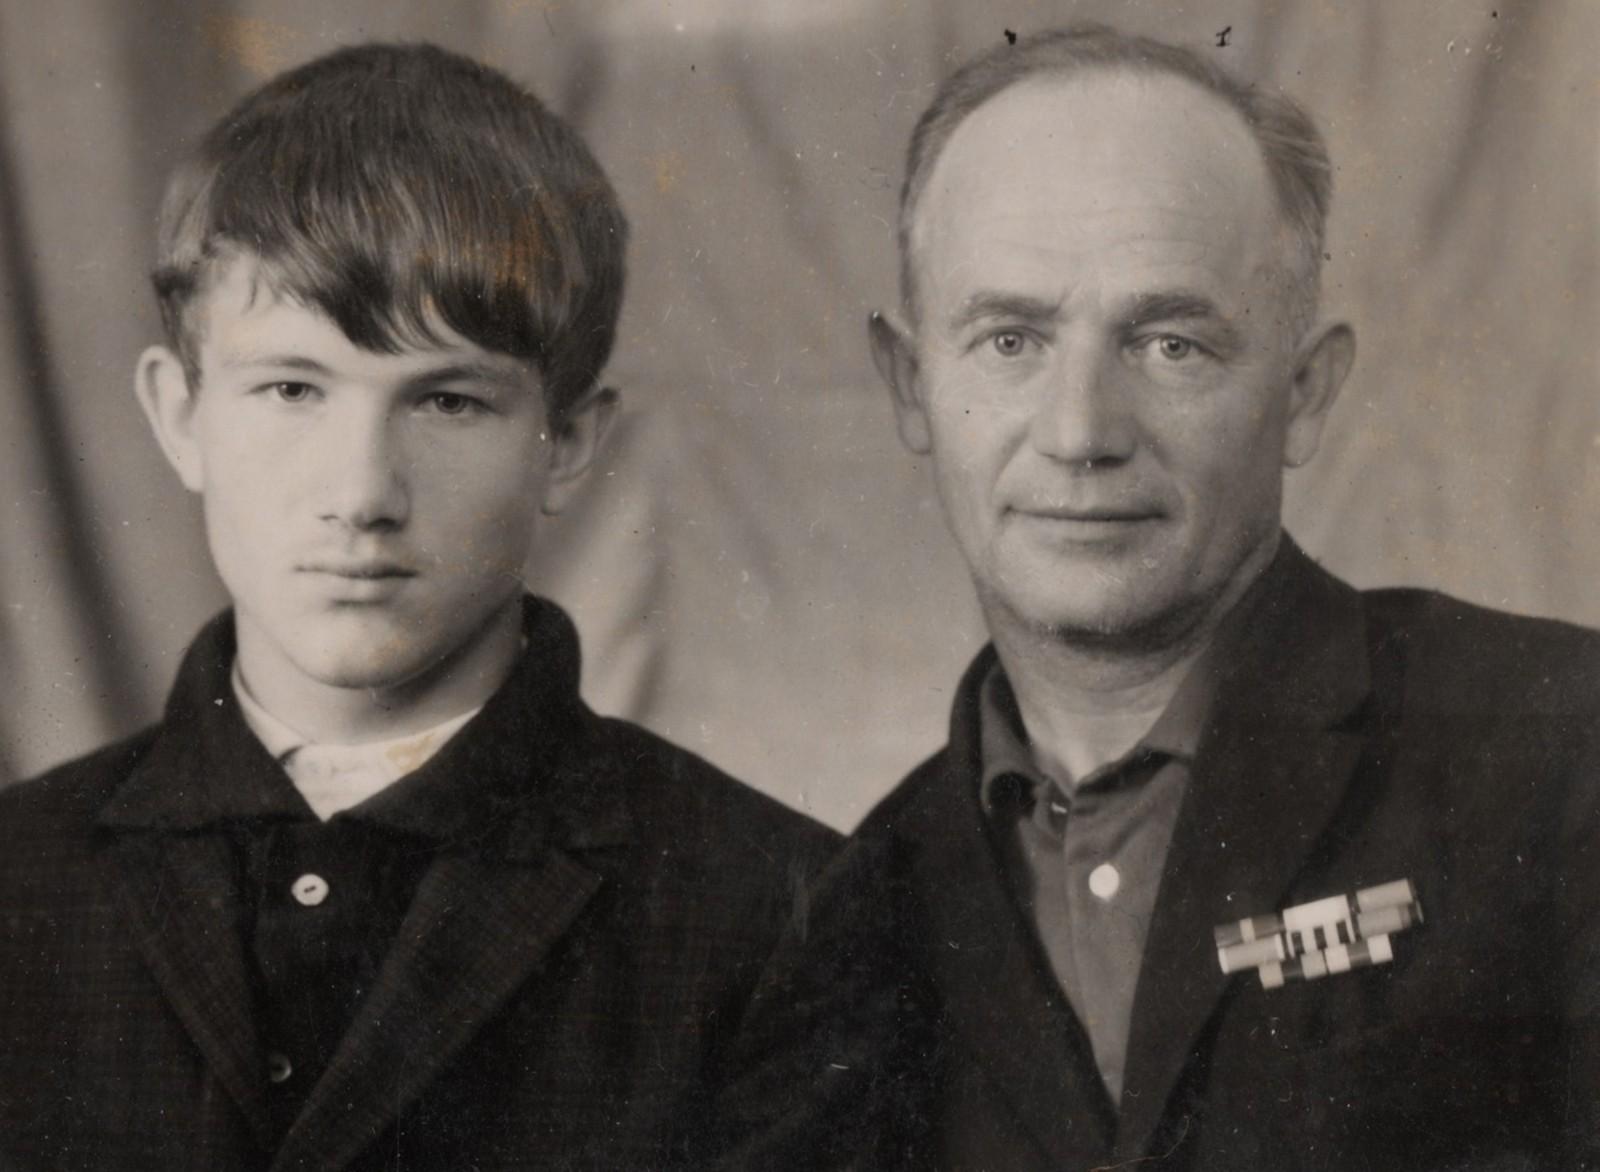 Папа и дед_copy_2581x1890.jpg